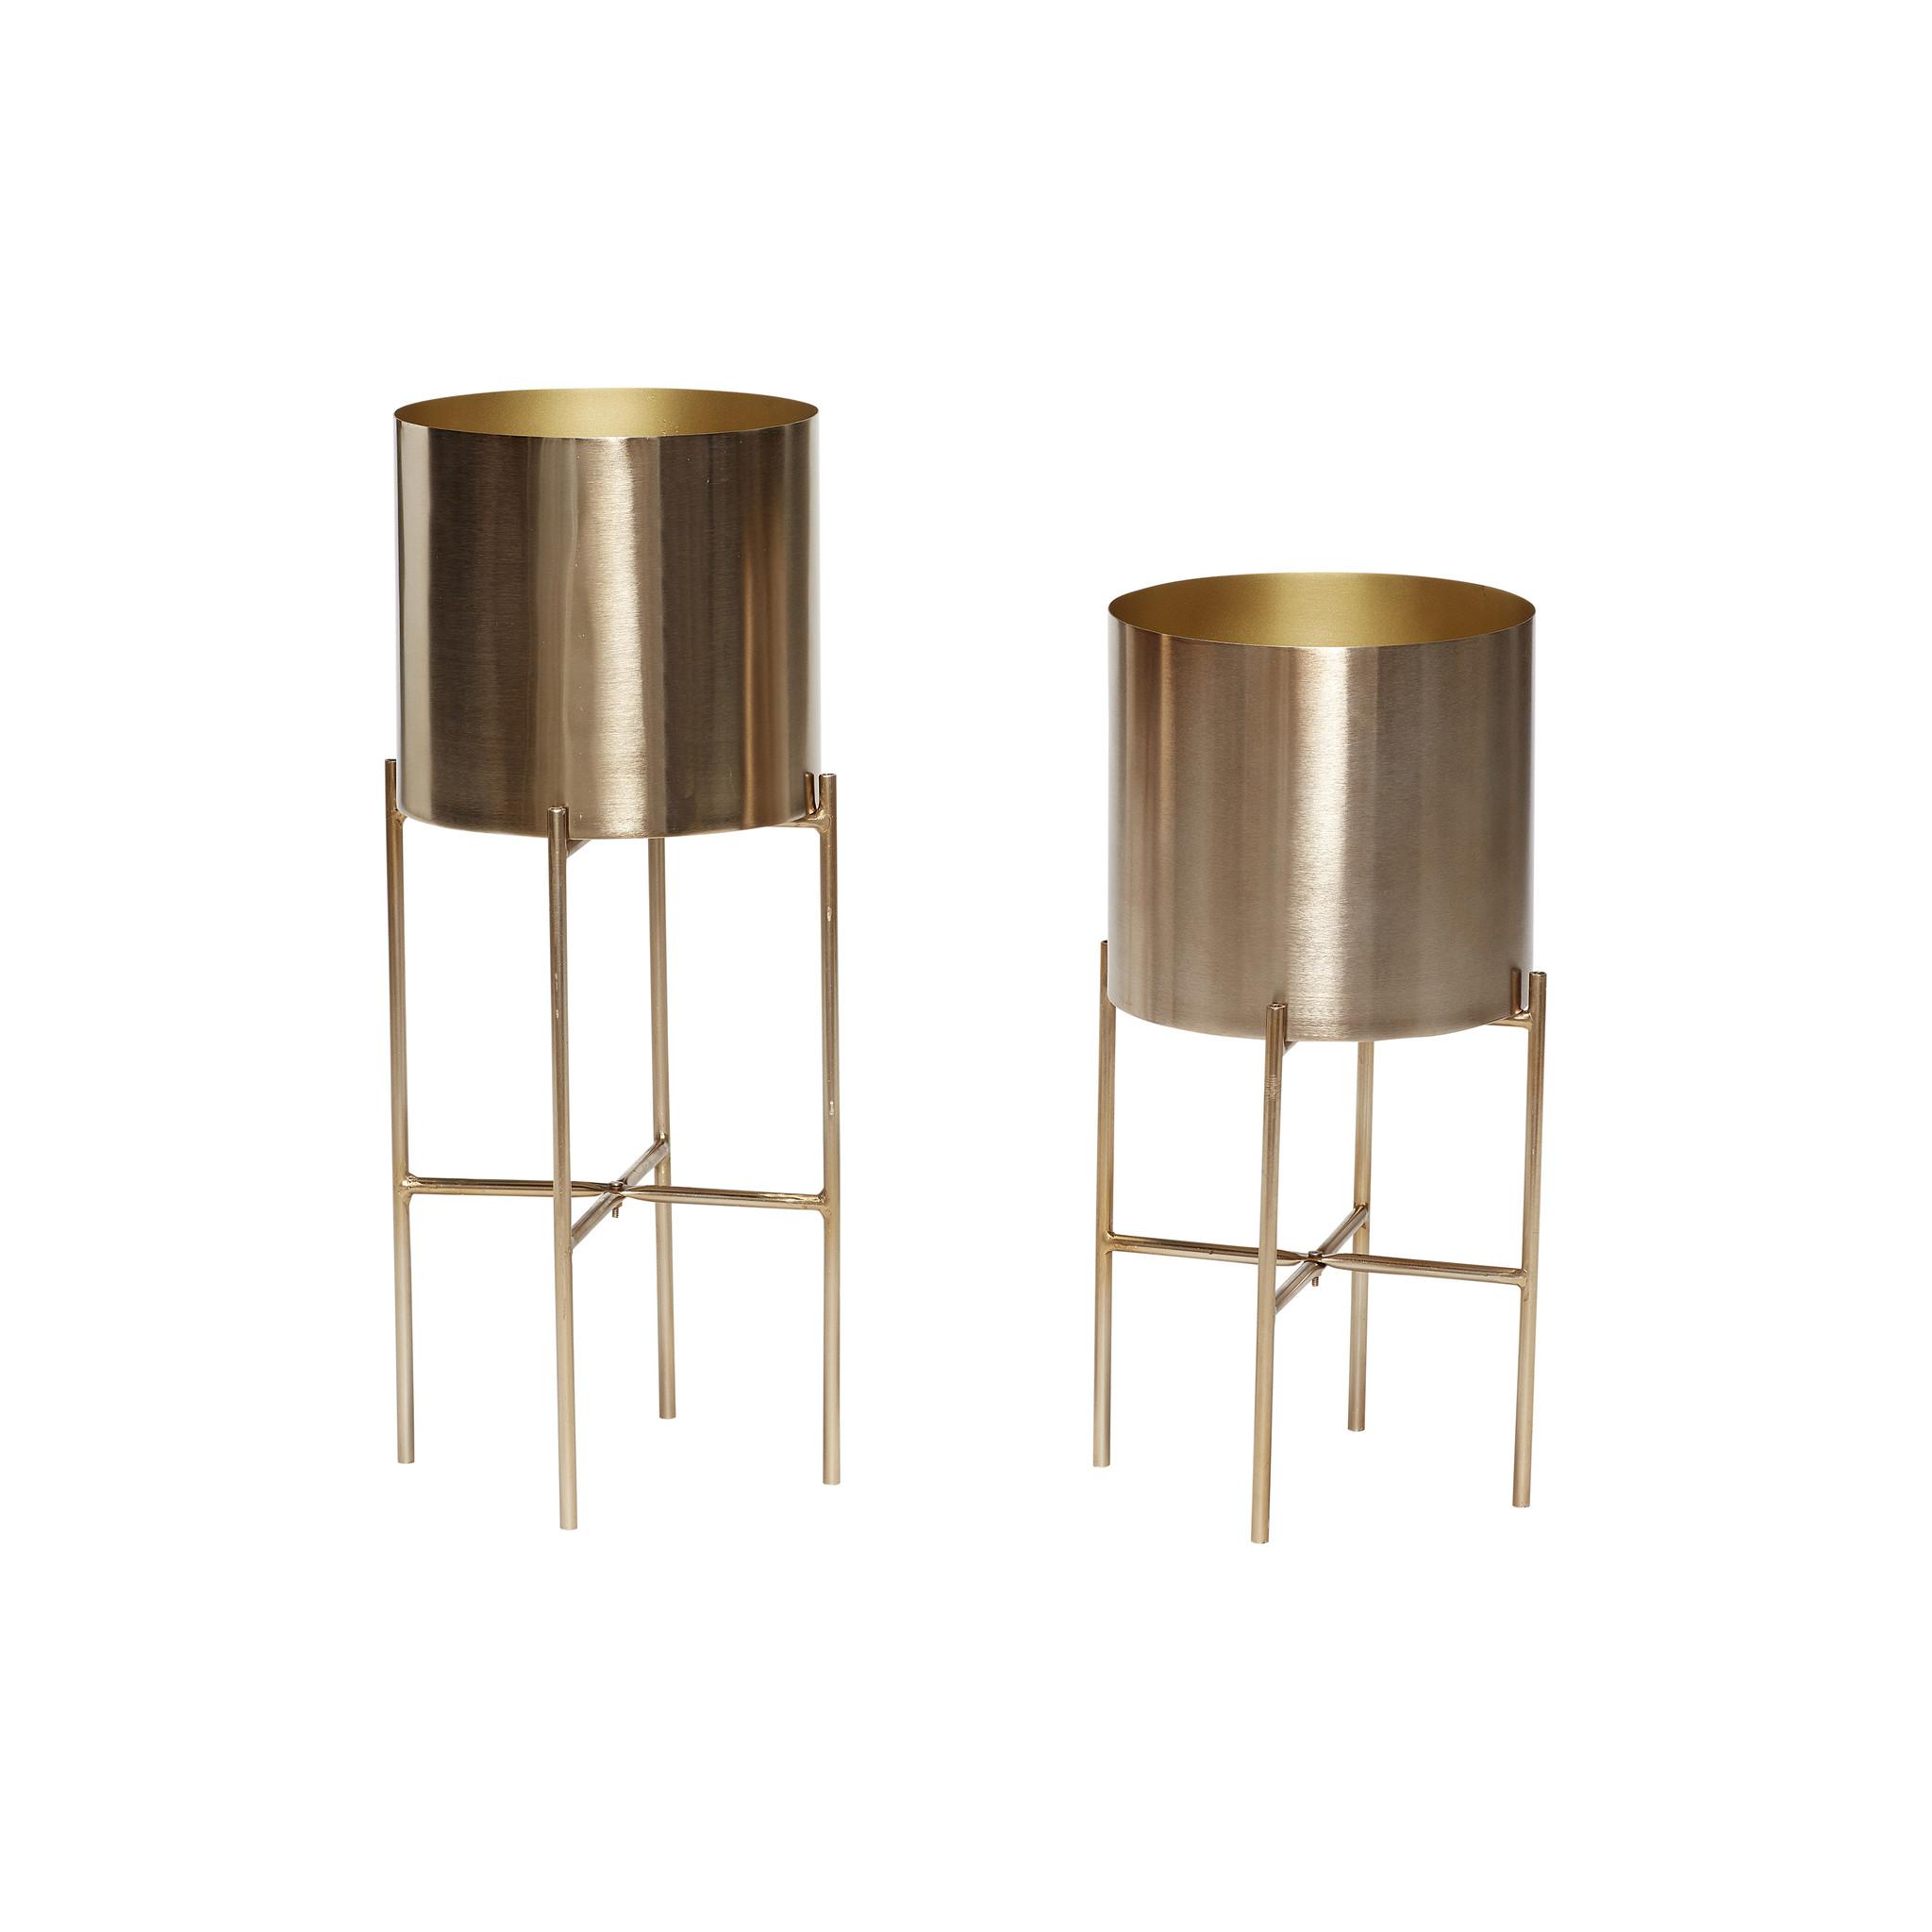 Hubsch Pot met standaard, metaal, messing, set van 2